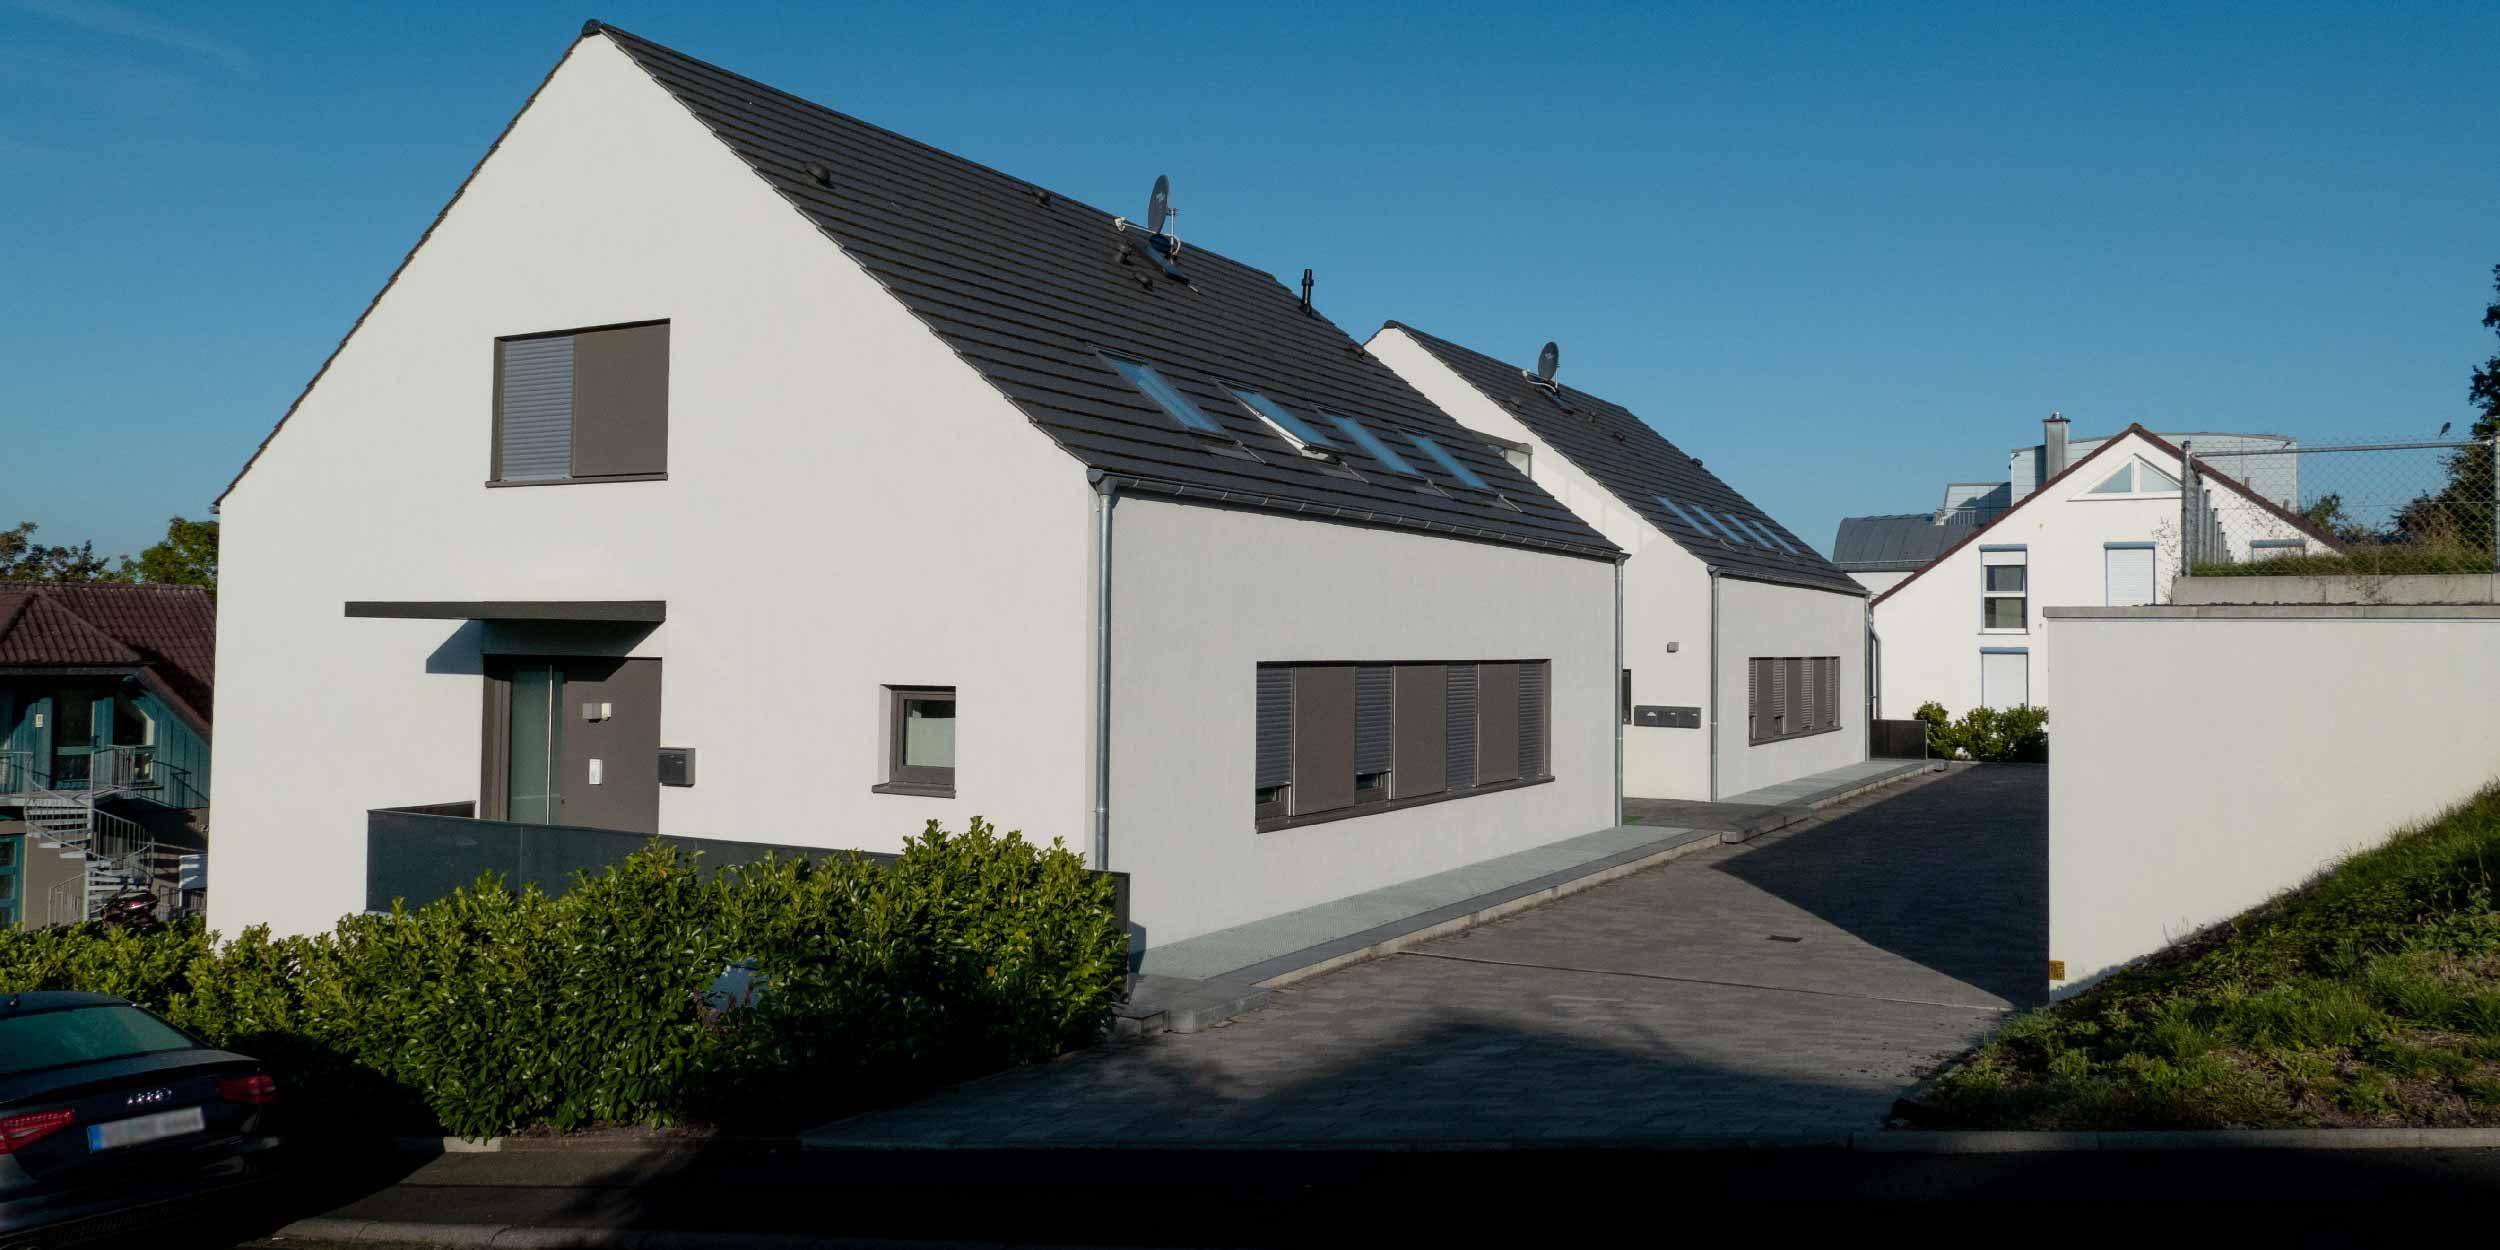 bauunternehmen_wingenfeld_gmbh_bauen_fulda_kuenzell_mehrfamilienwohnhaus